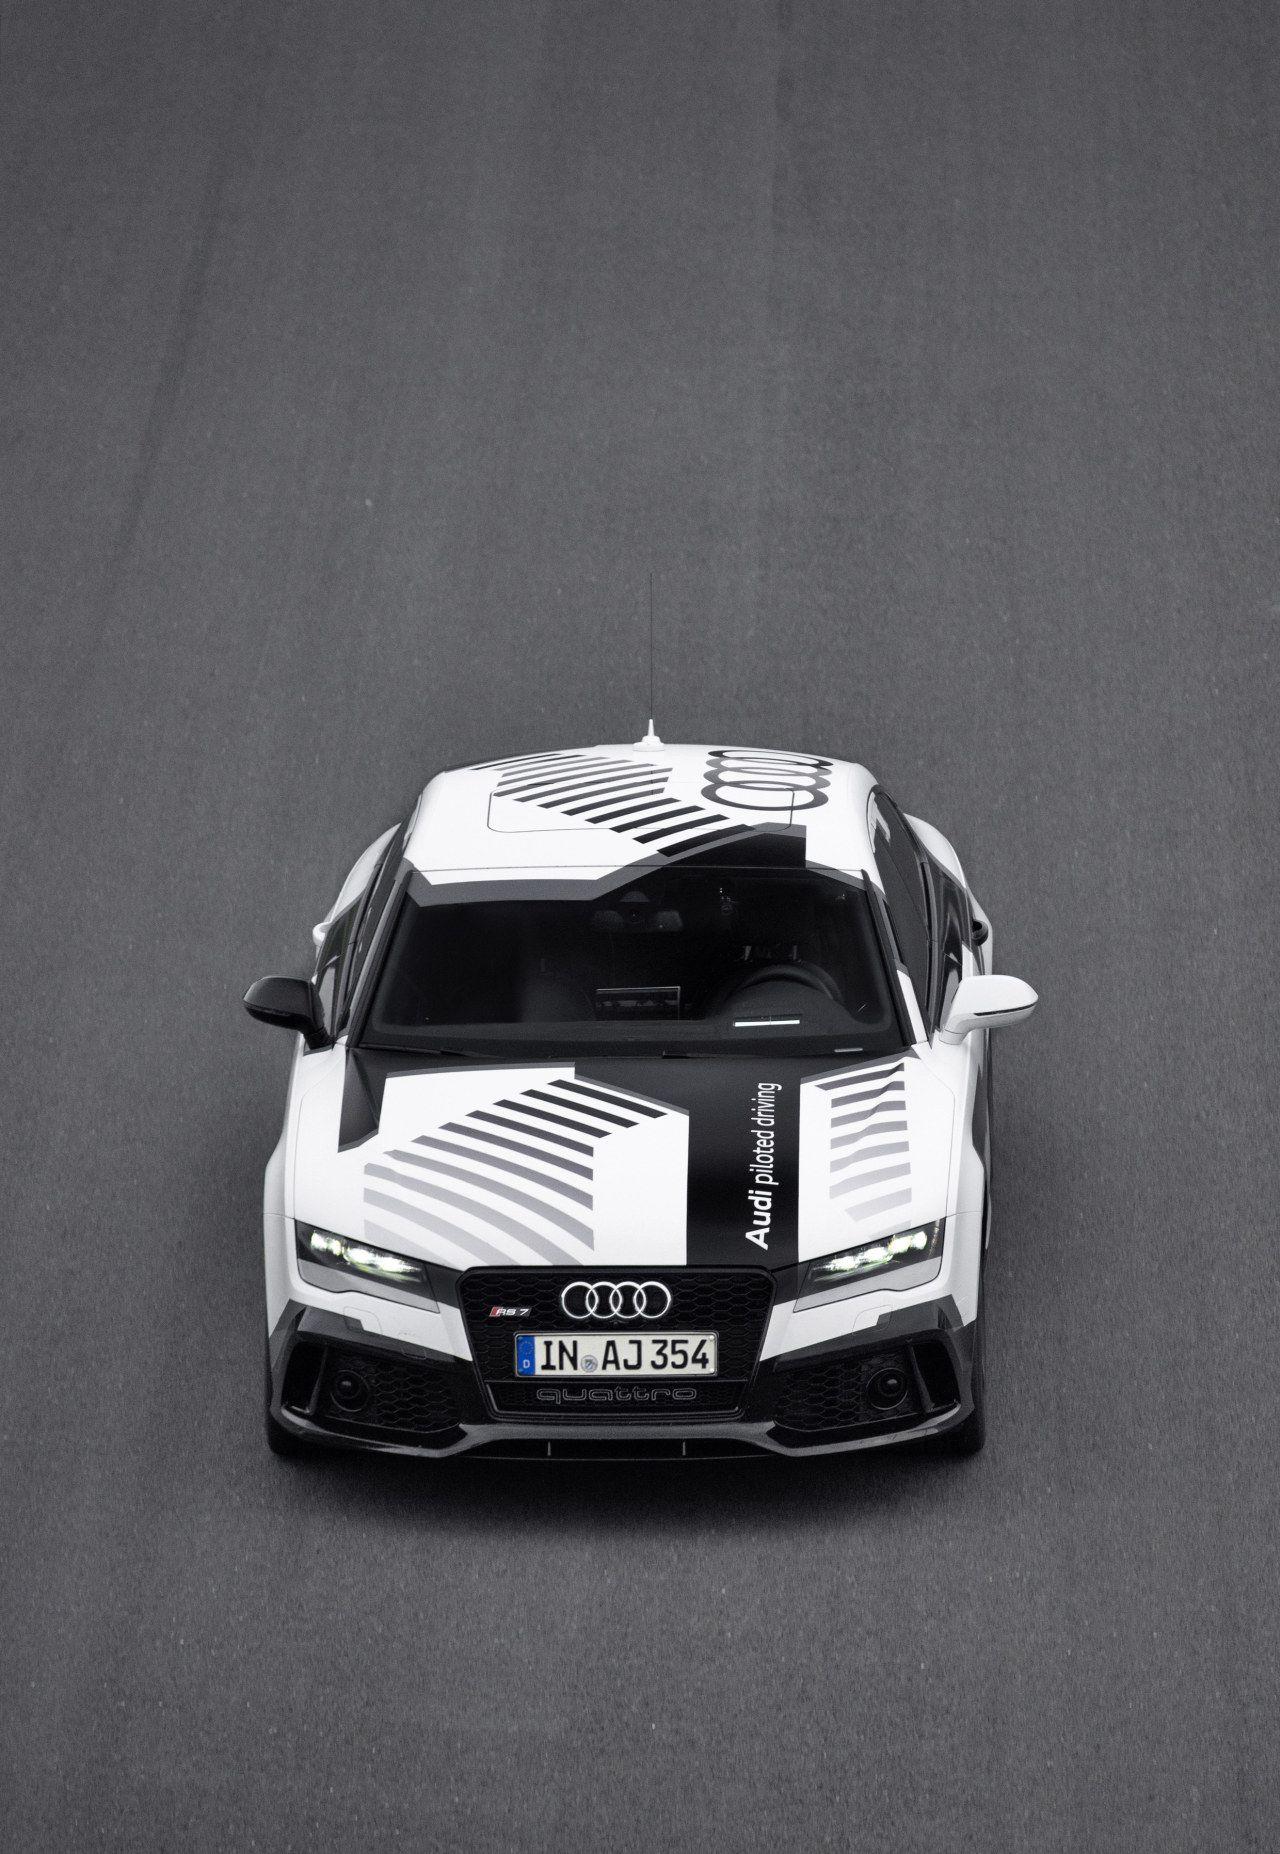 Audi Demonstreert Autonoom Racen Met Rs7 Hot Wheels Pinterest